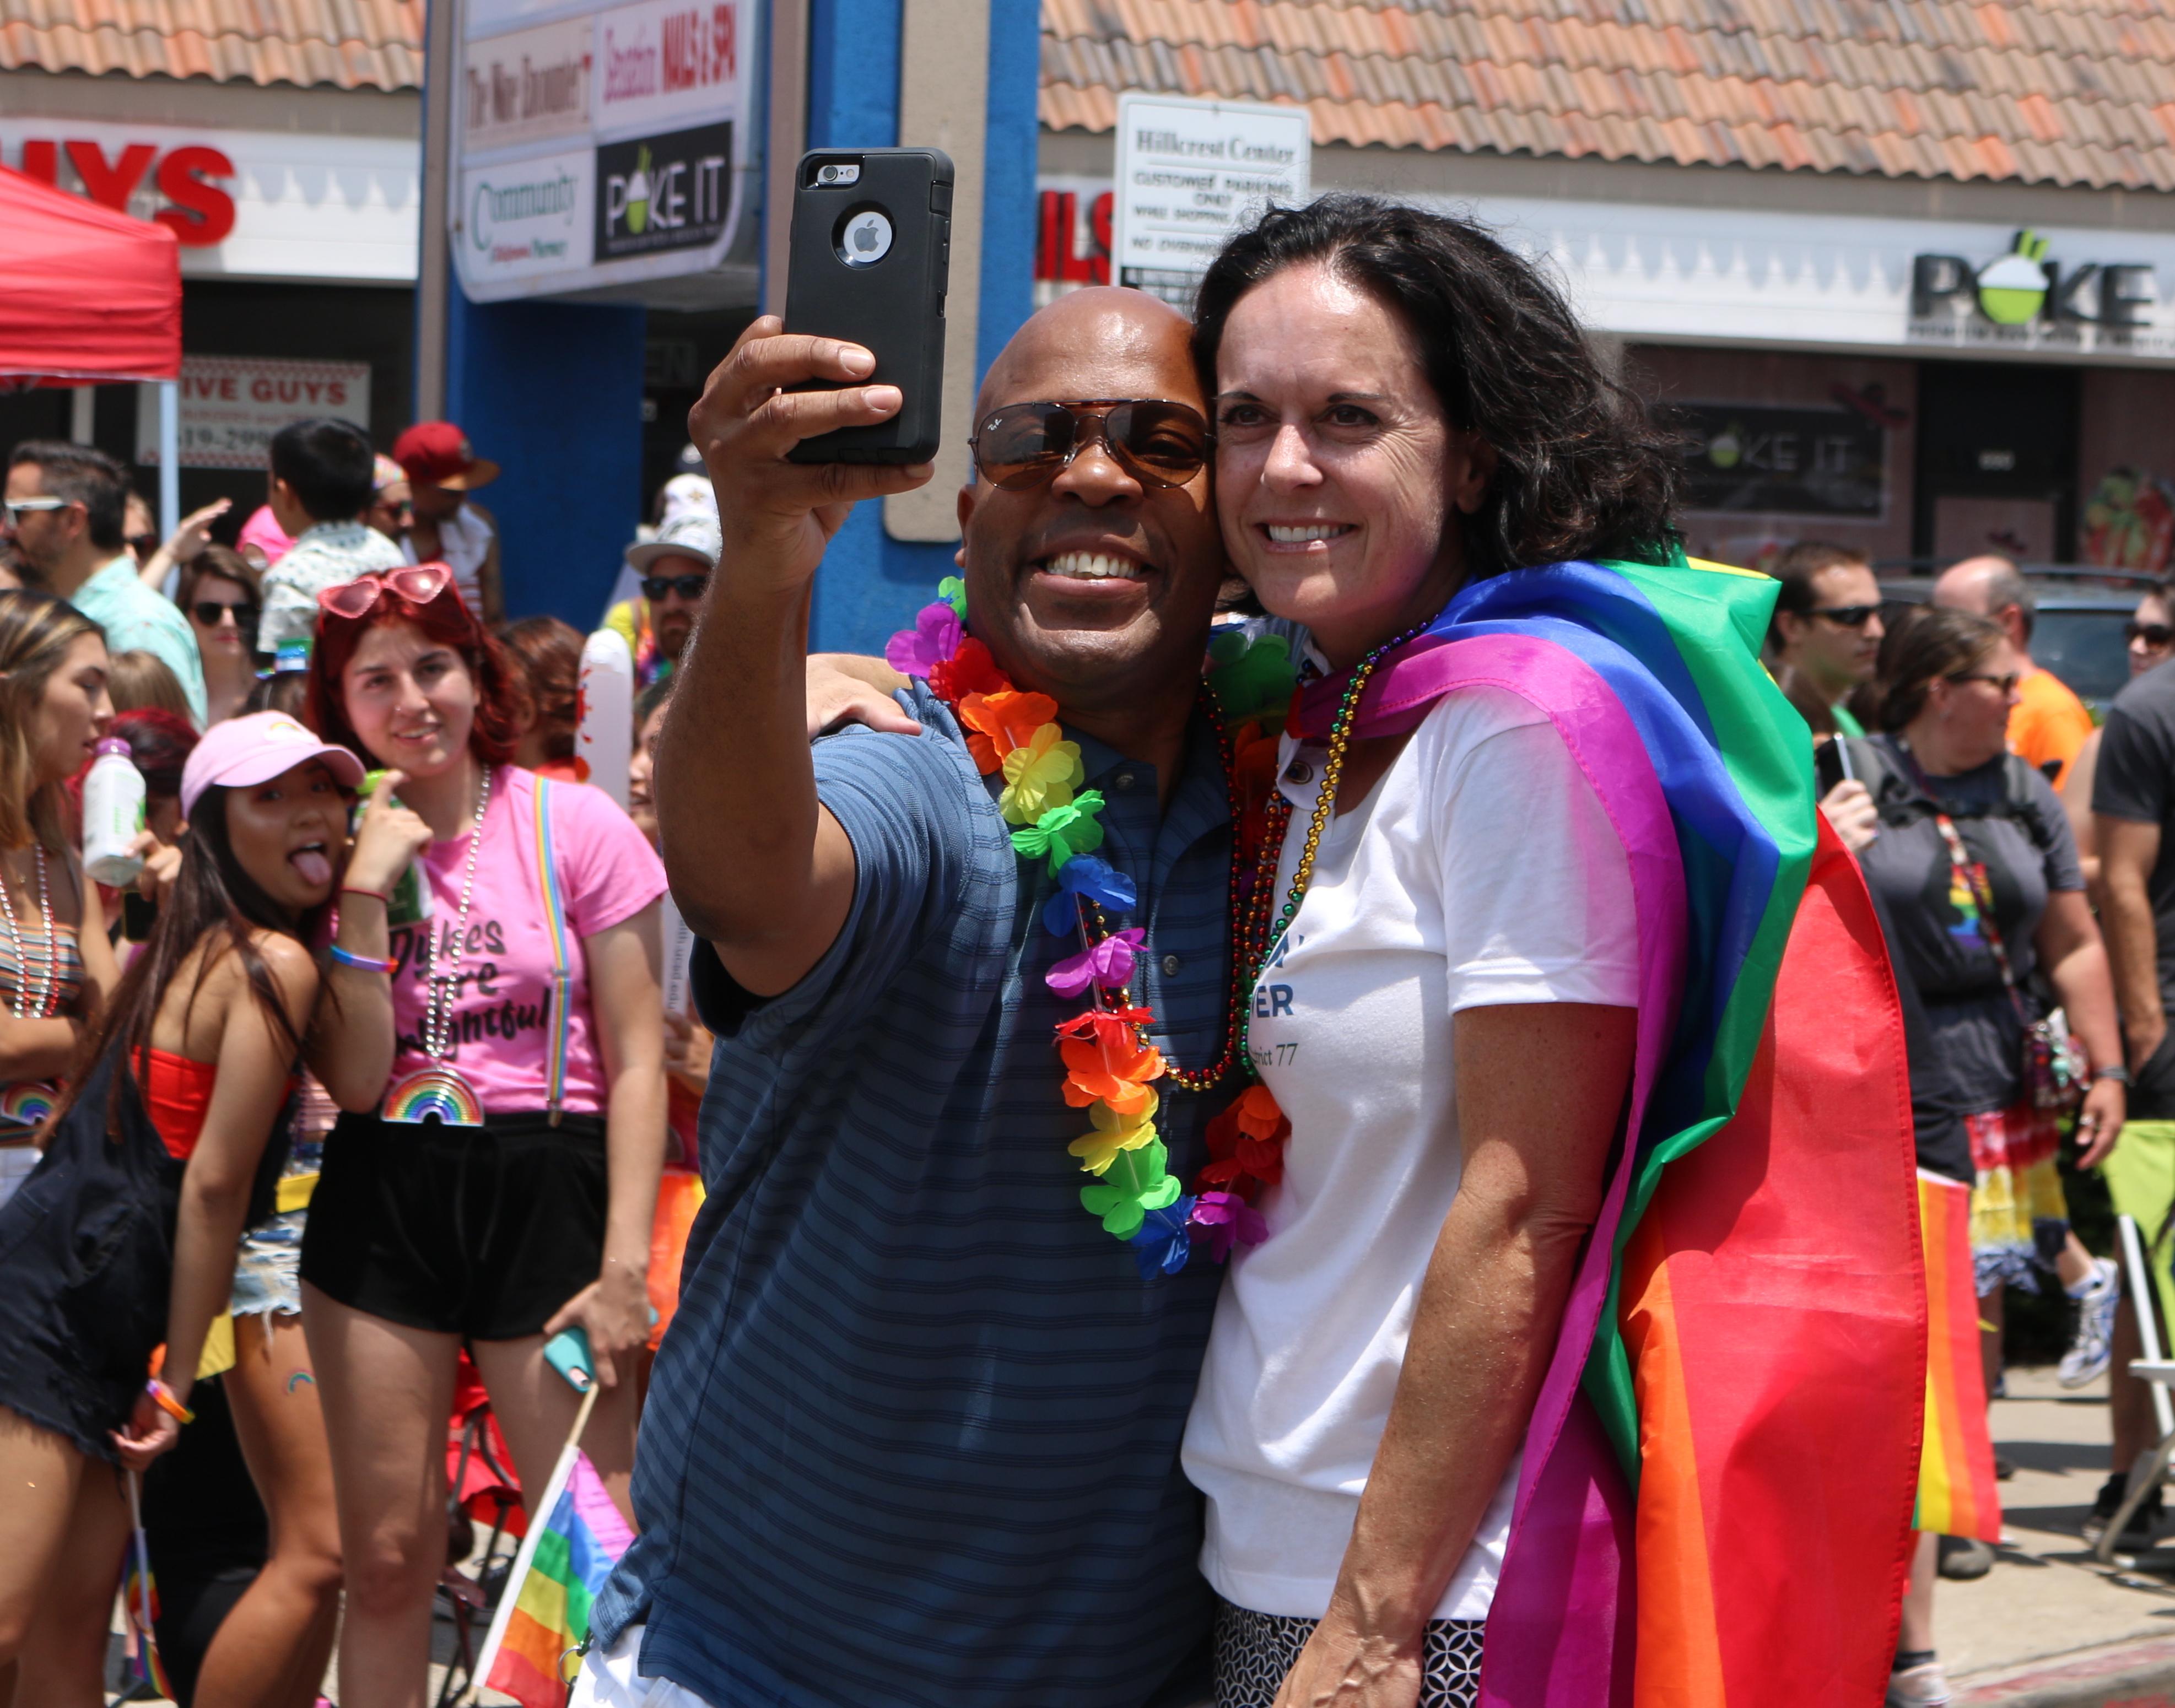 Pride4-07-15-17.JPG